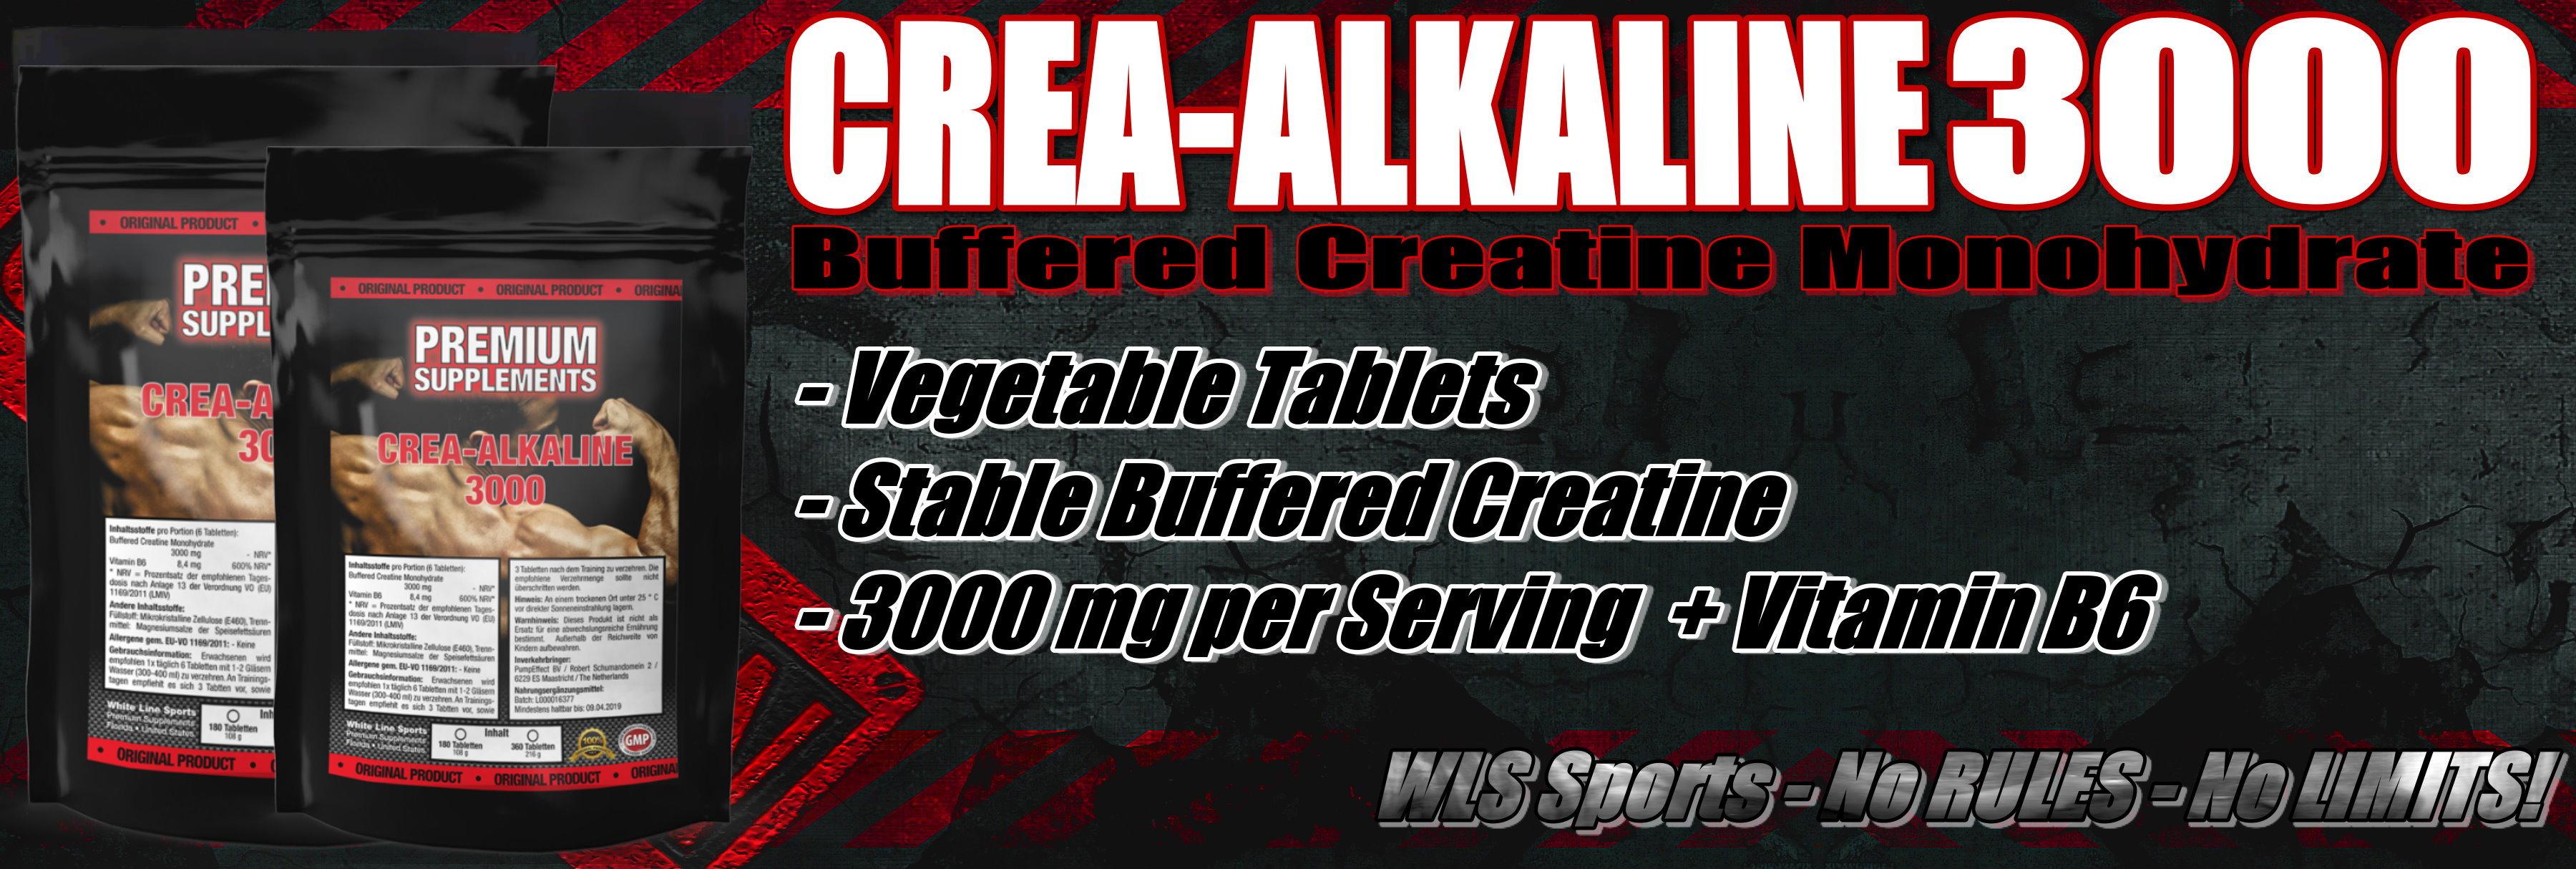 http://www.bull-attack.com/images/CREA-Alkaline-banner.jpg